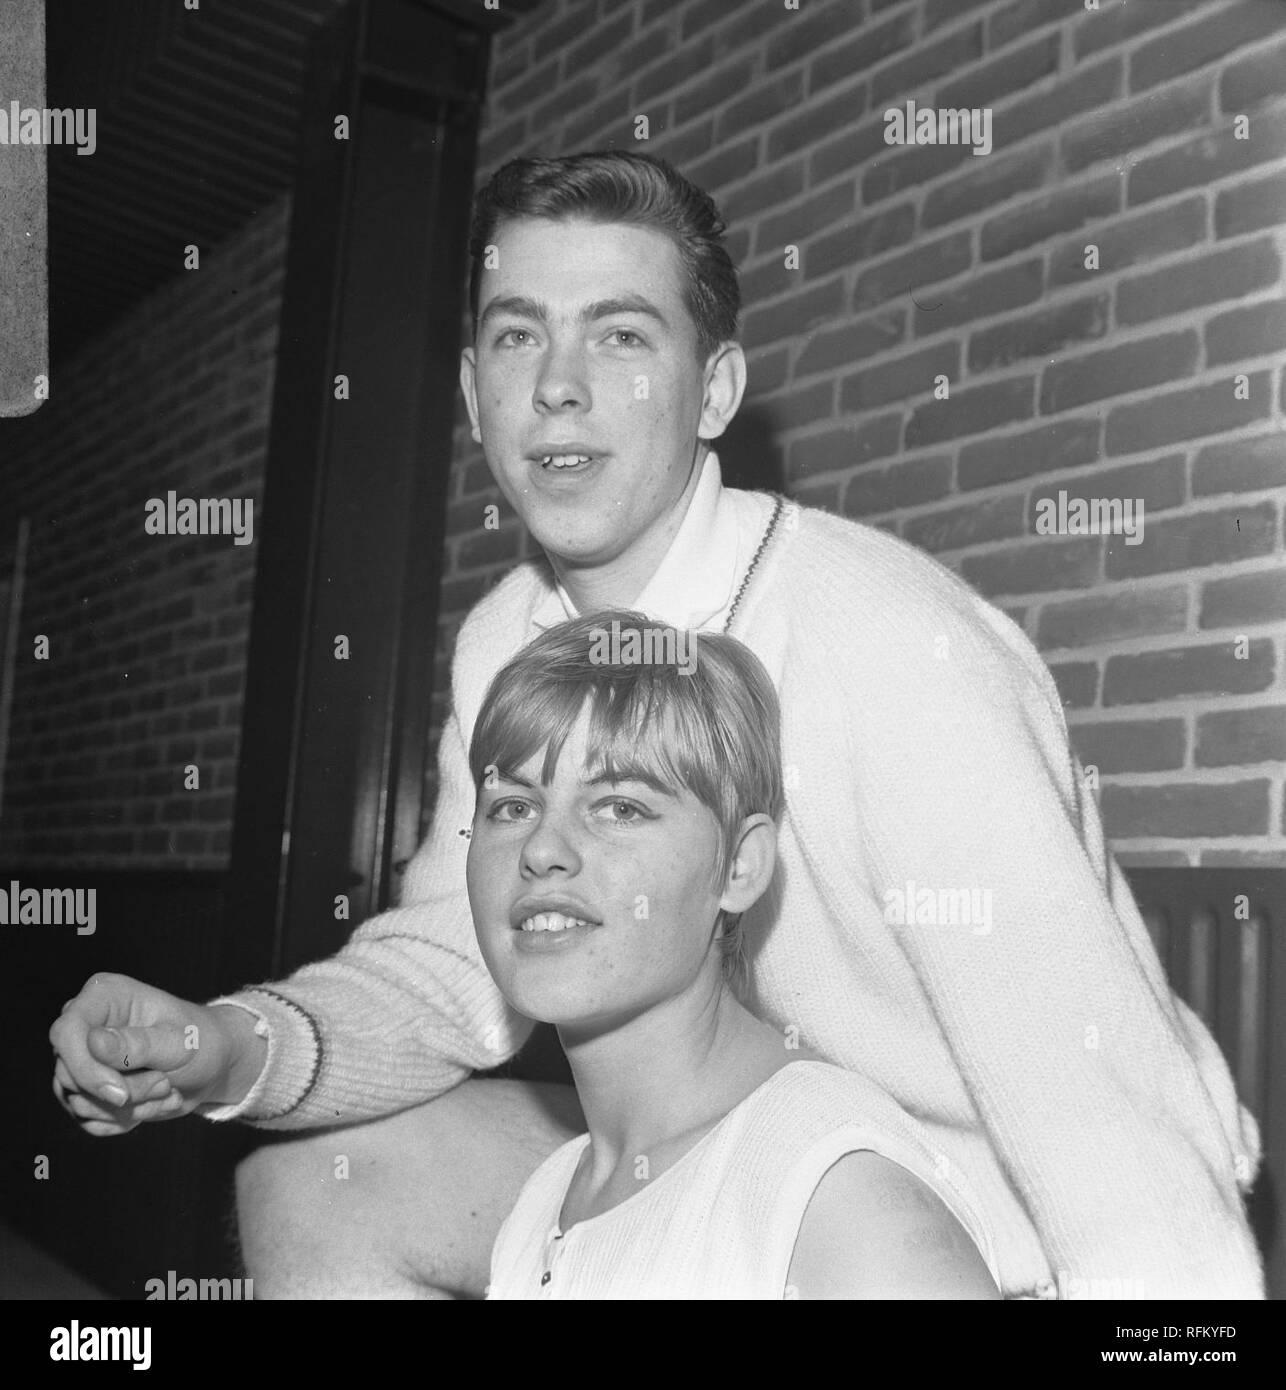 Badmintontoernooi te Haarlem, Agnes Geene en Huub van Ginneken beide kampioen, Bestanddeelnr 919-9836. - Stock Image